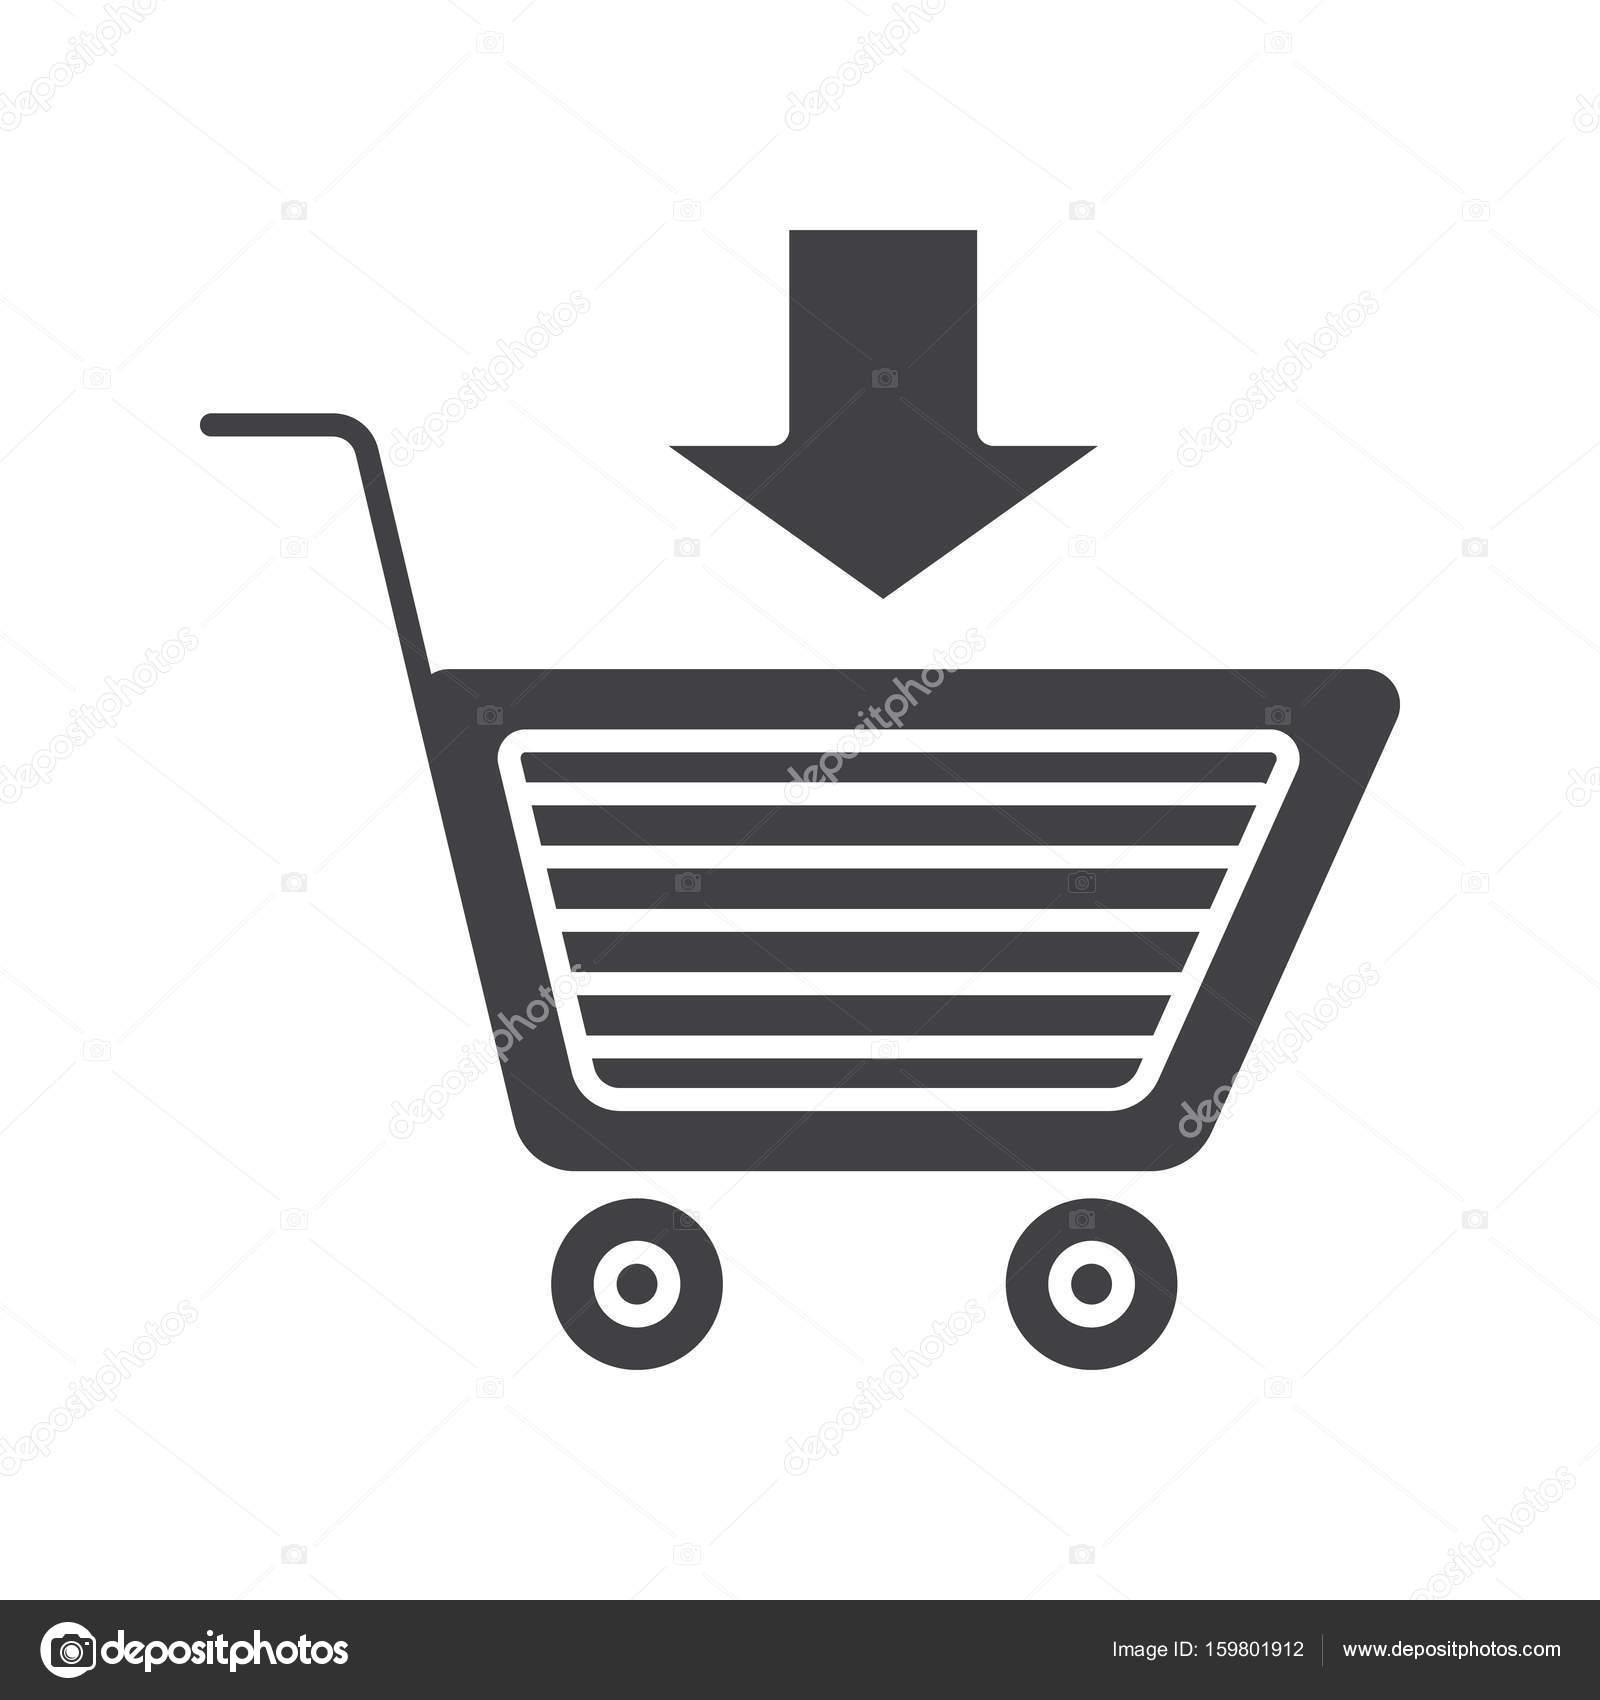 482f29999b9 toevoegen aan winkelwagen pictogram — Stockvector © bsd #159801912